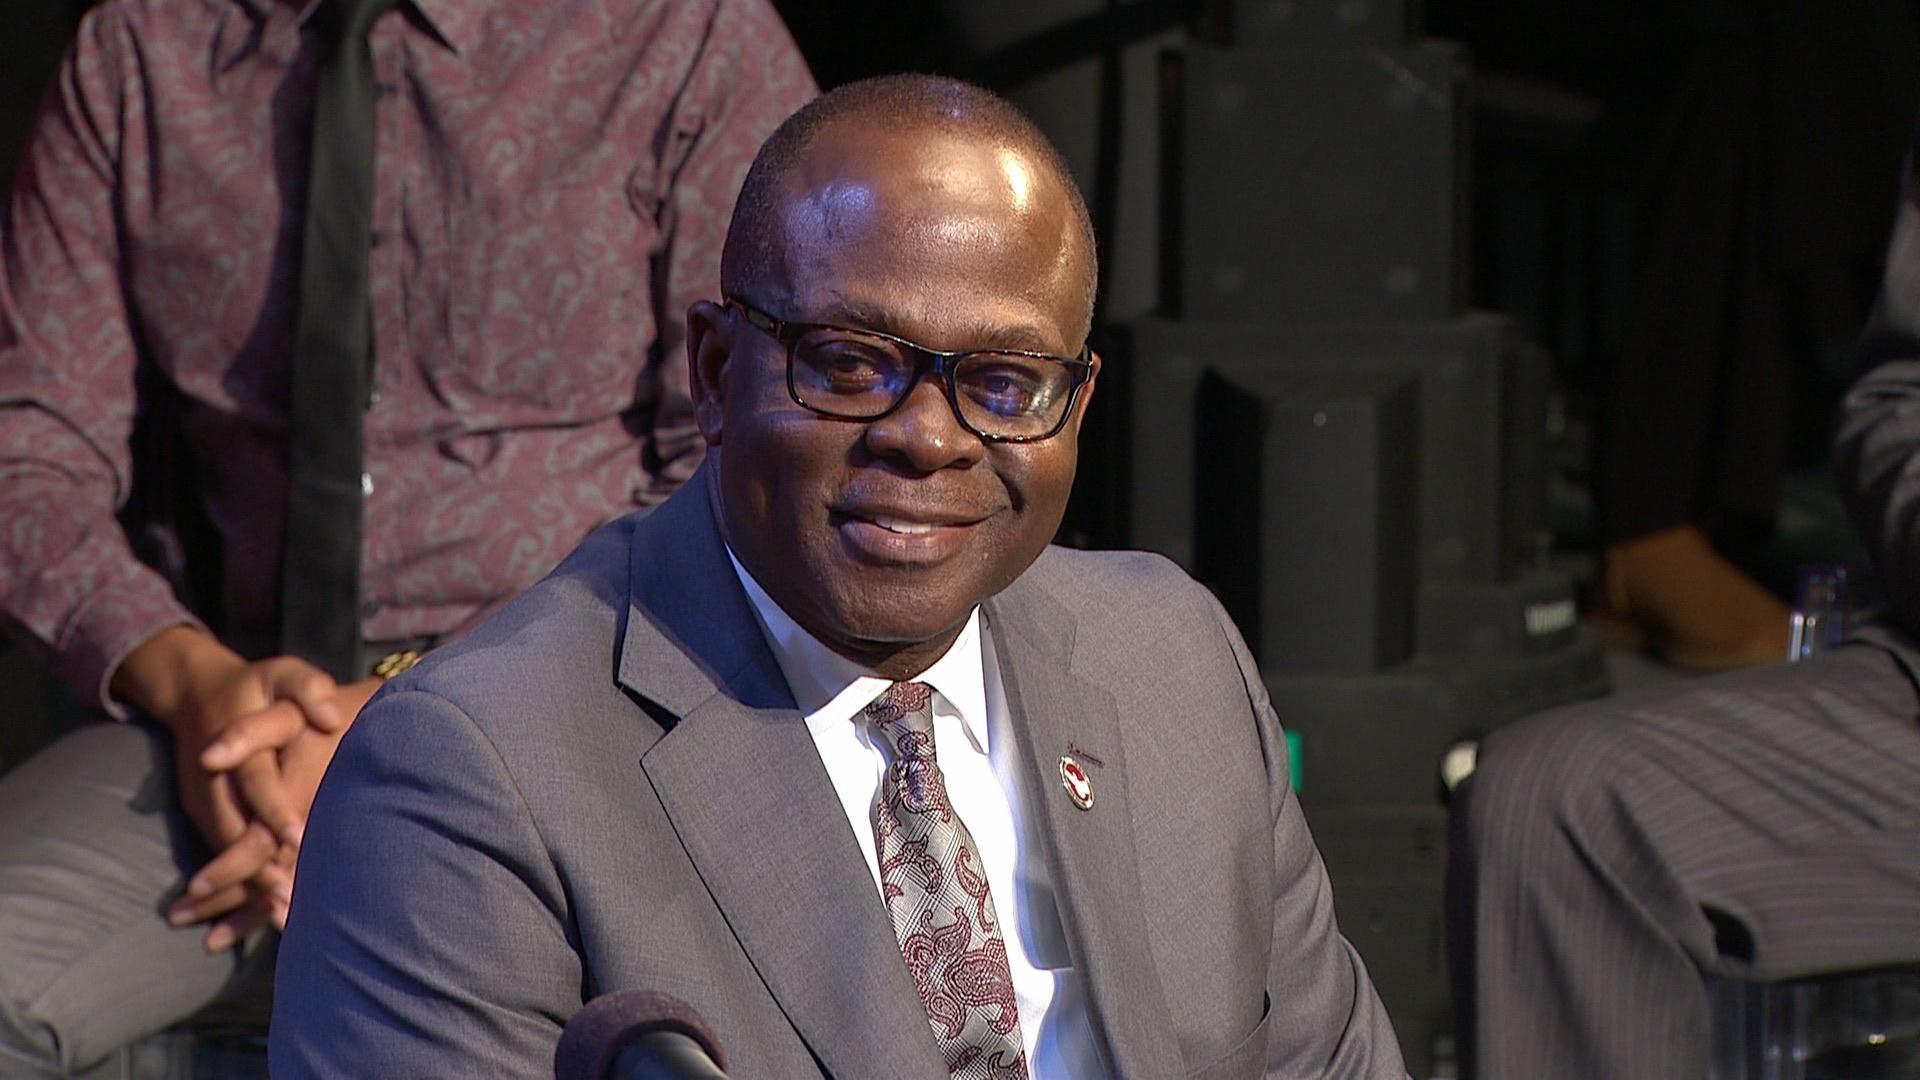 Chancellor Akinleye, NCCU